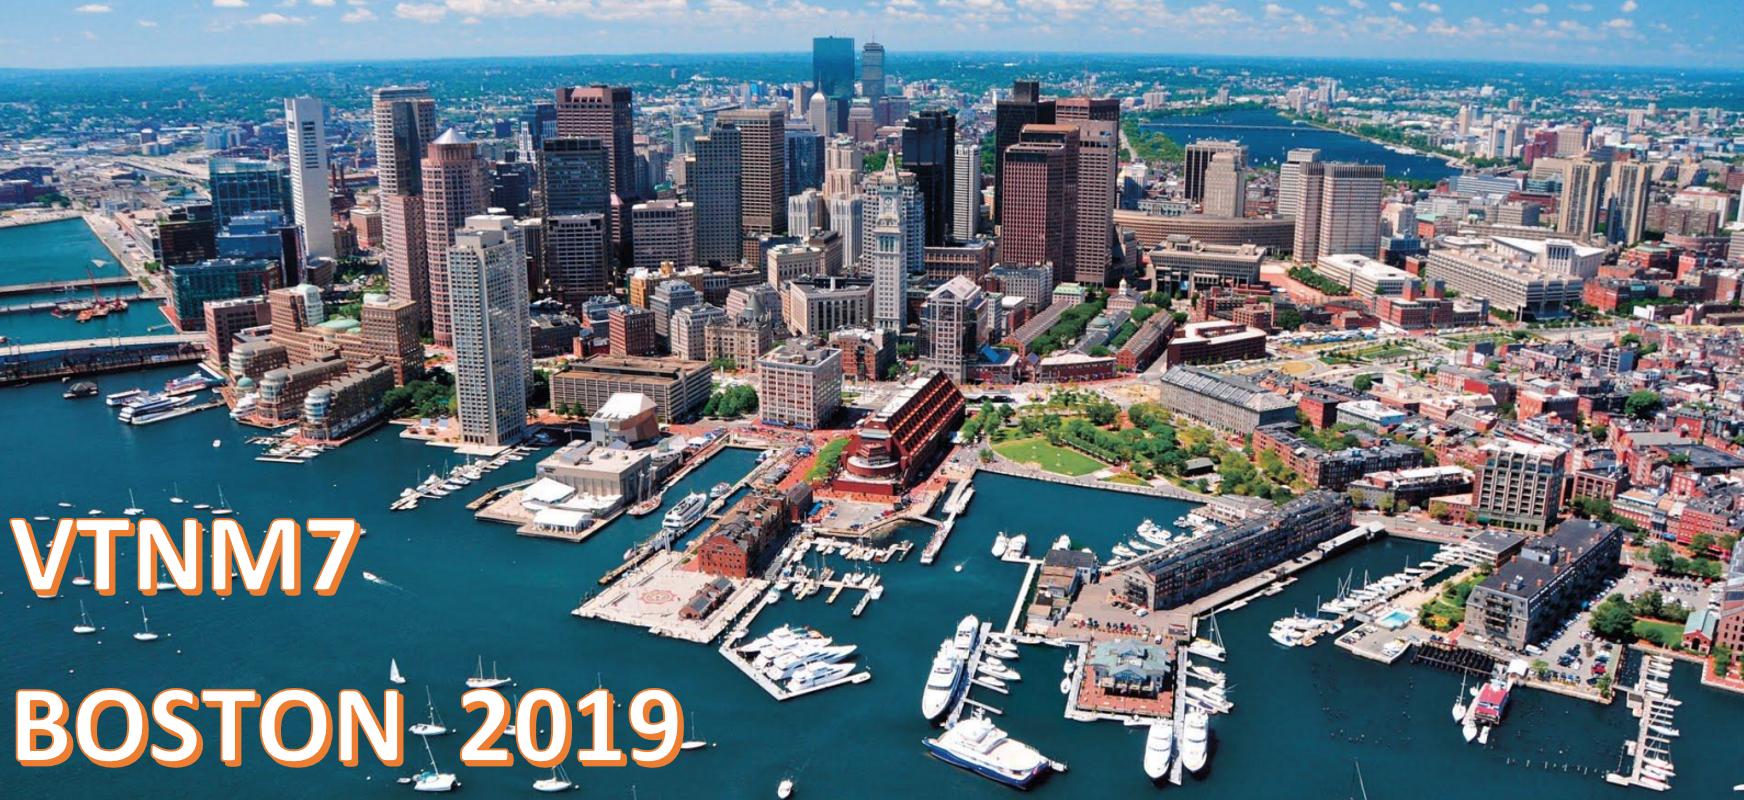 Thông báo tổ chức sự kiện Vòng Tay Nước Mỹ 7: Boston xuất sắc giành quyền đăng cai.